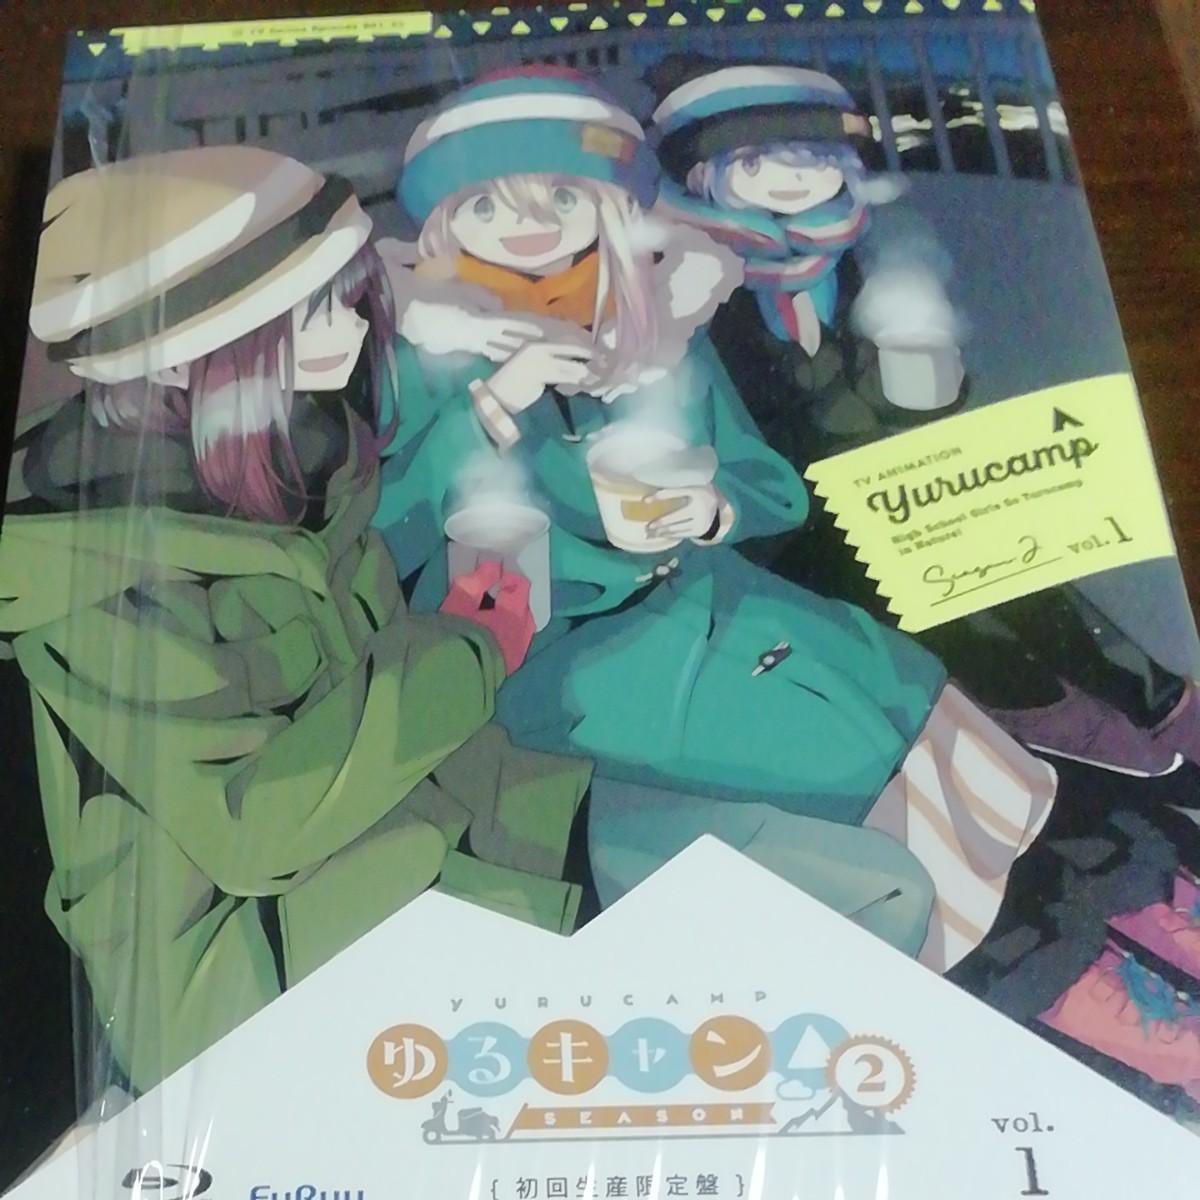 初回限定 ゆるキャン SEASON2 第1巻 Blu-ray PS4  シリアルコード欠品 送料無料